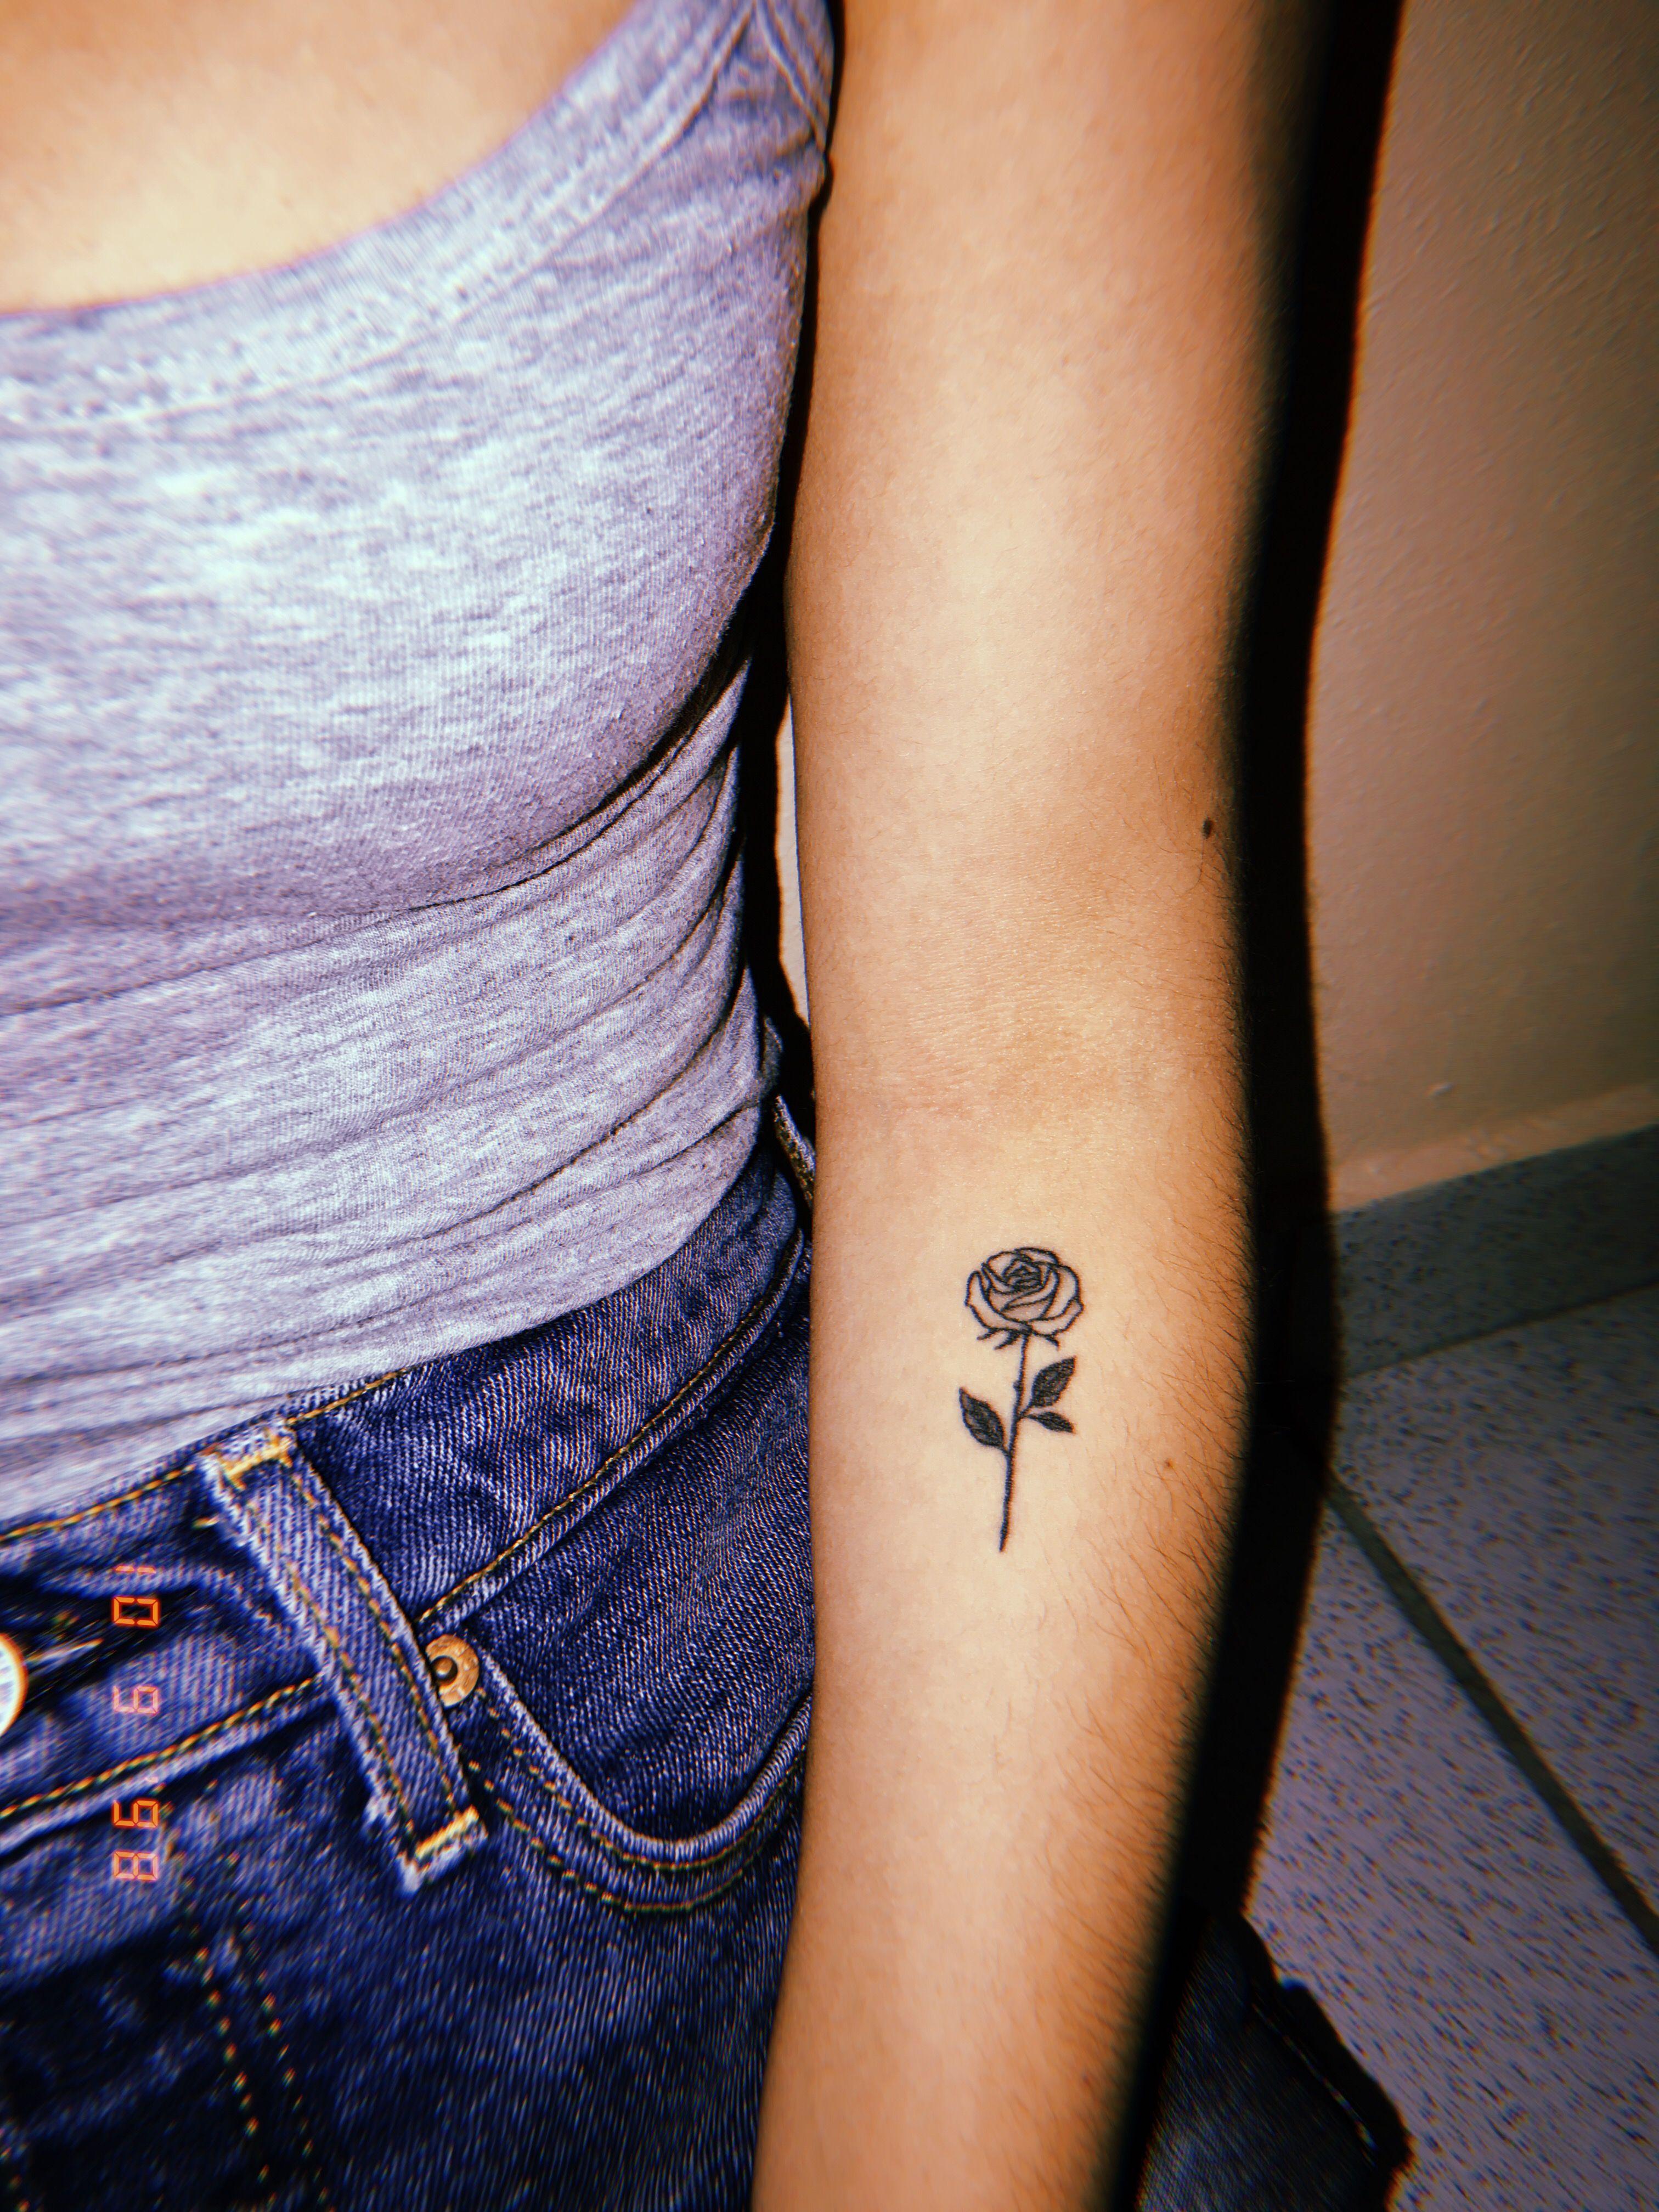 Rose Tattoo Small Rose Tattoo Small Henna Tattoos Rose Tattoos On Wrist